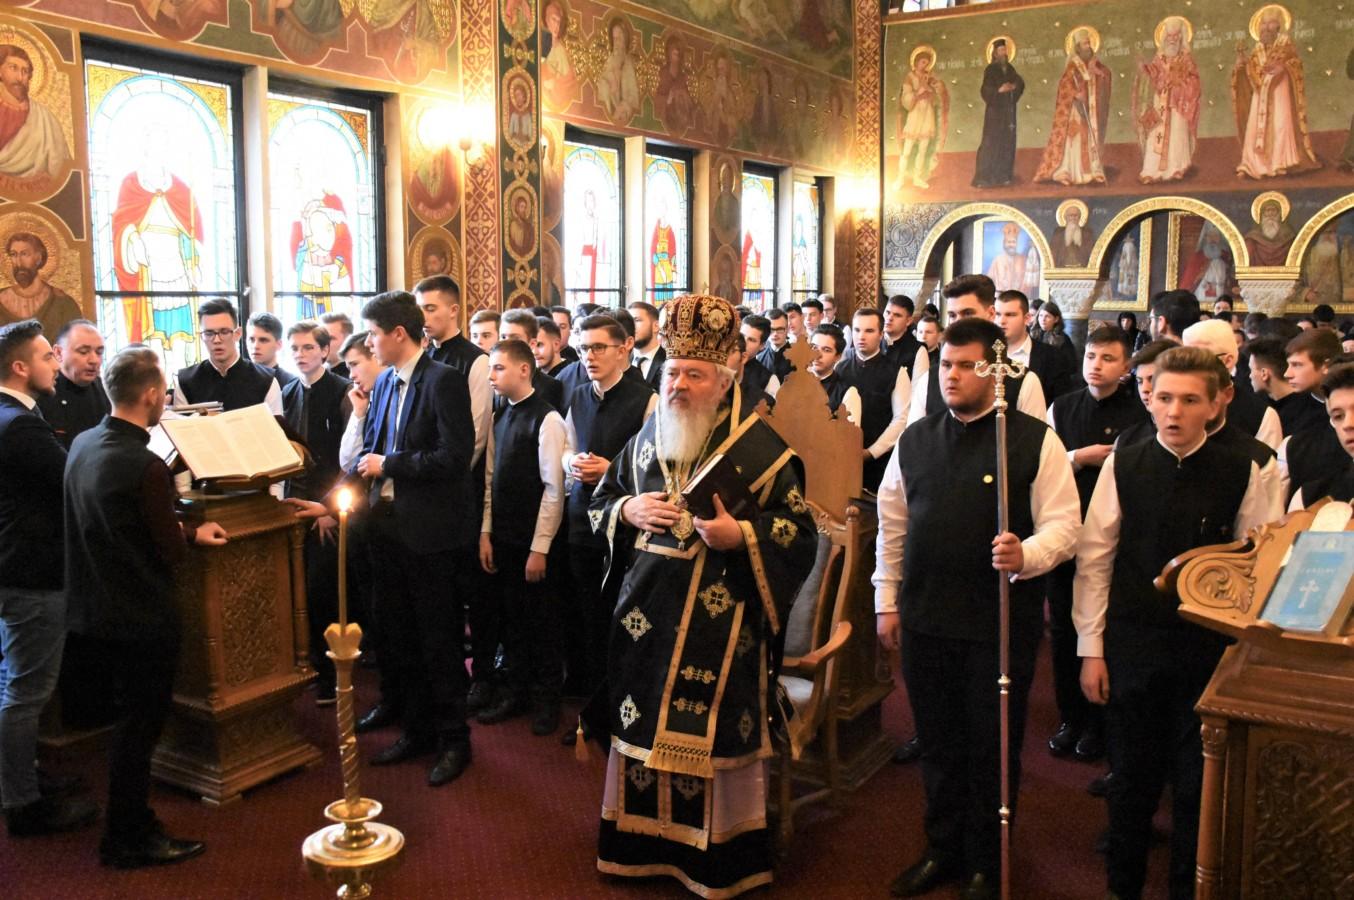 Binecuvântare arhierească pentru elevii seminariști clujeni, la începutul Postului Mare